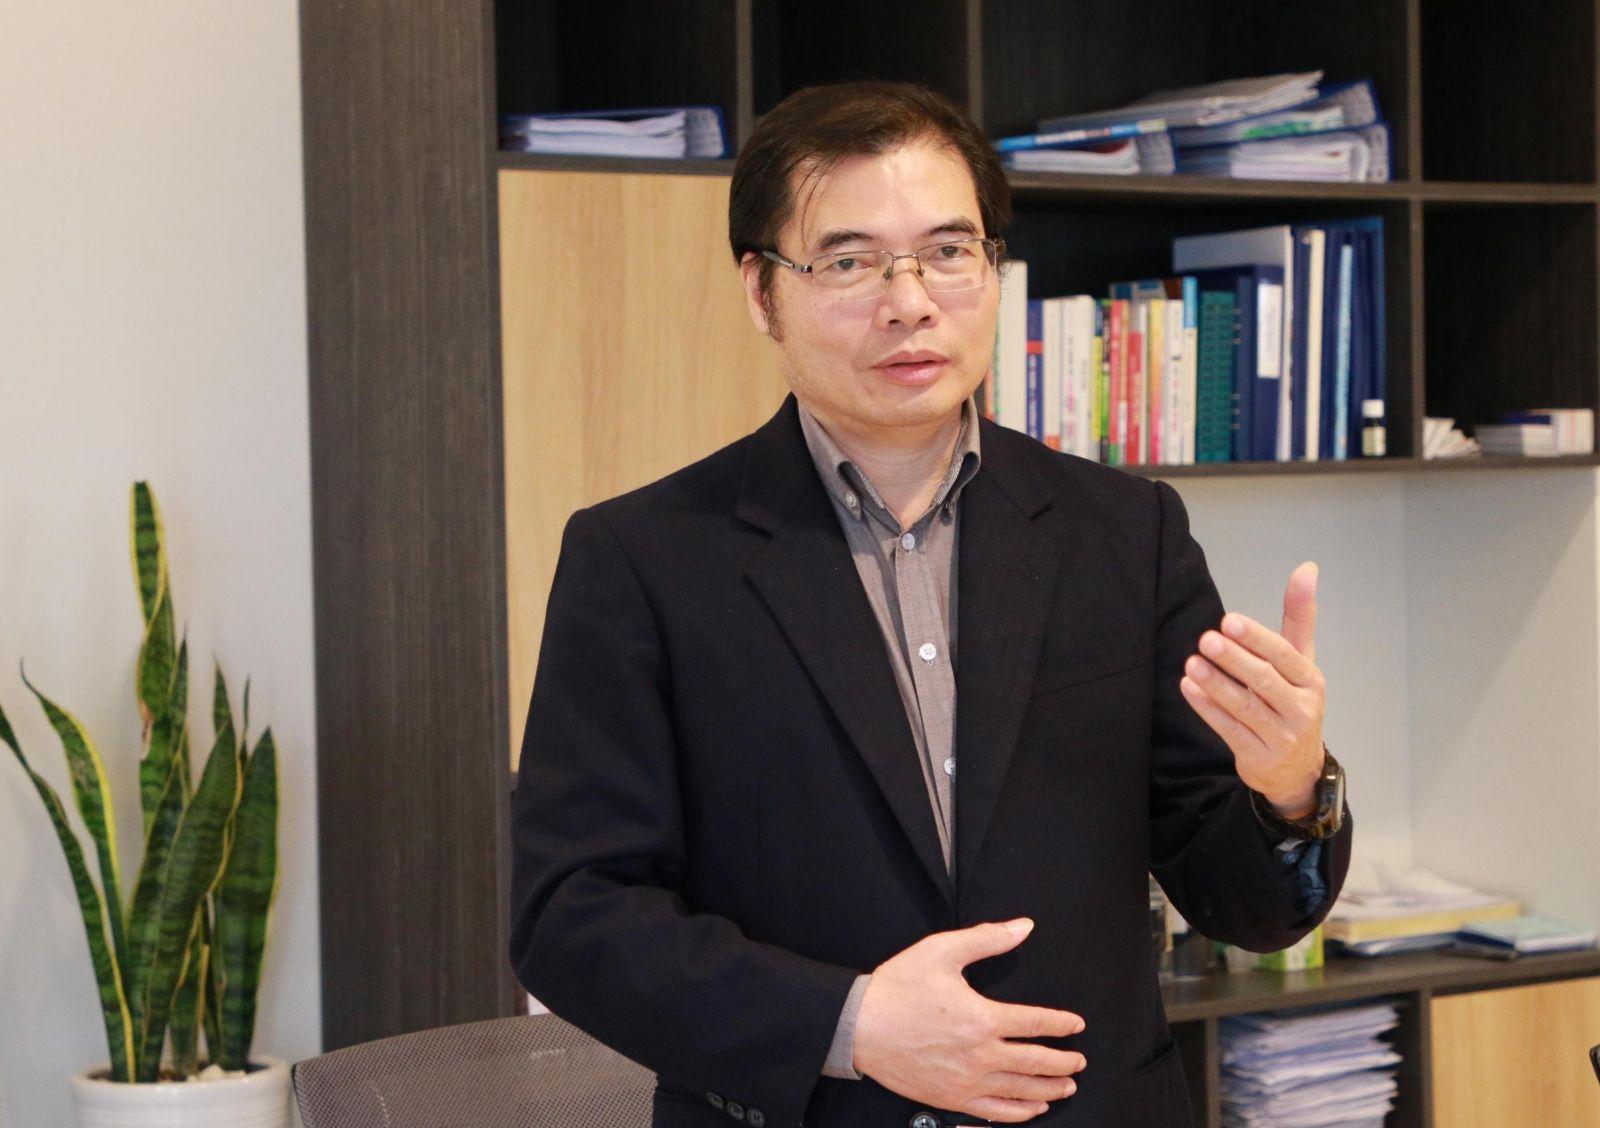 Ông Phạm Ngọc Sáu - Giám đốc Cảng hàng không Quốc tế Vân Đồn